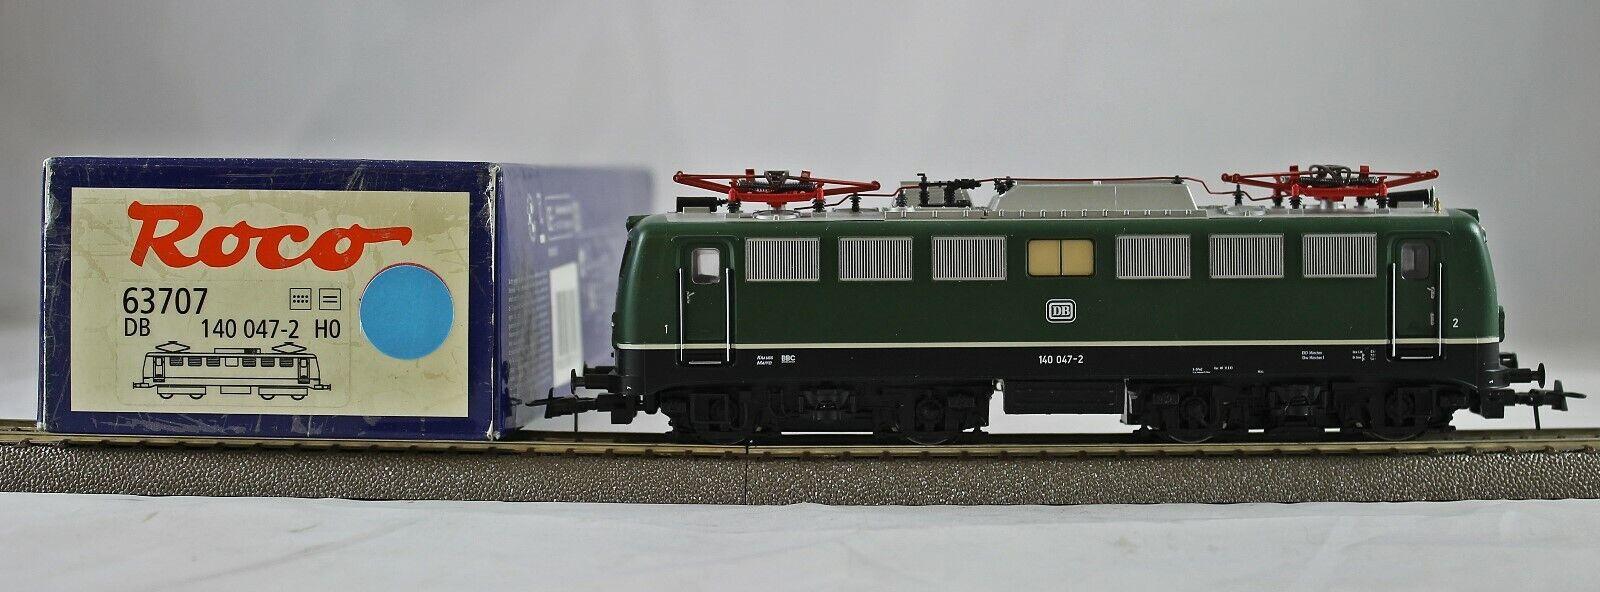 Roco 63707 elektrolokomotive br 140 de la DB de colección con embalaje original dc